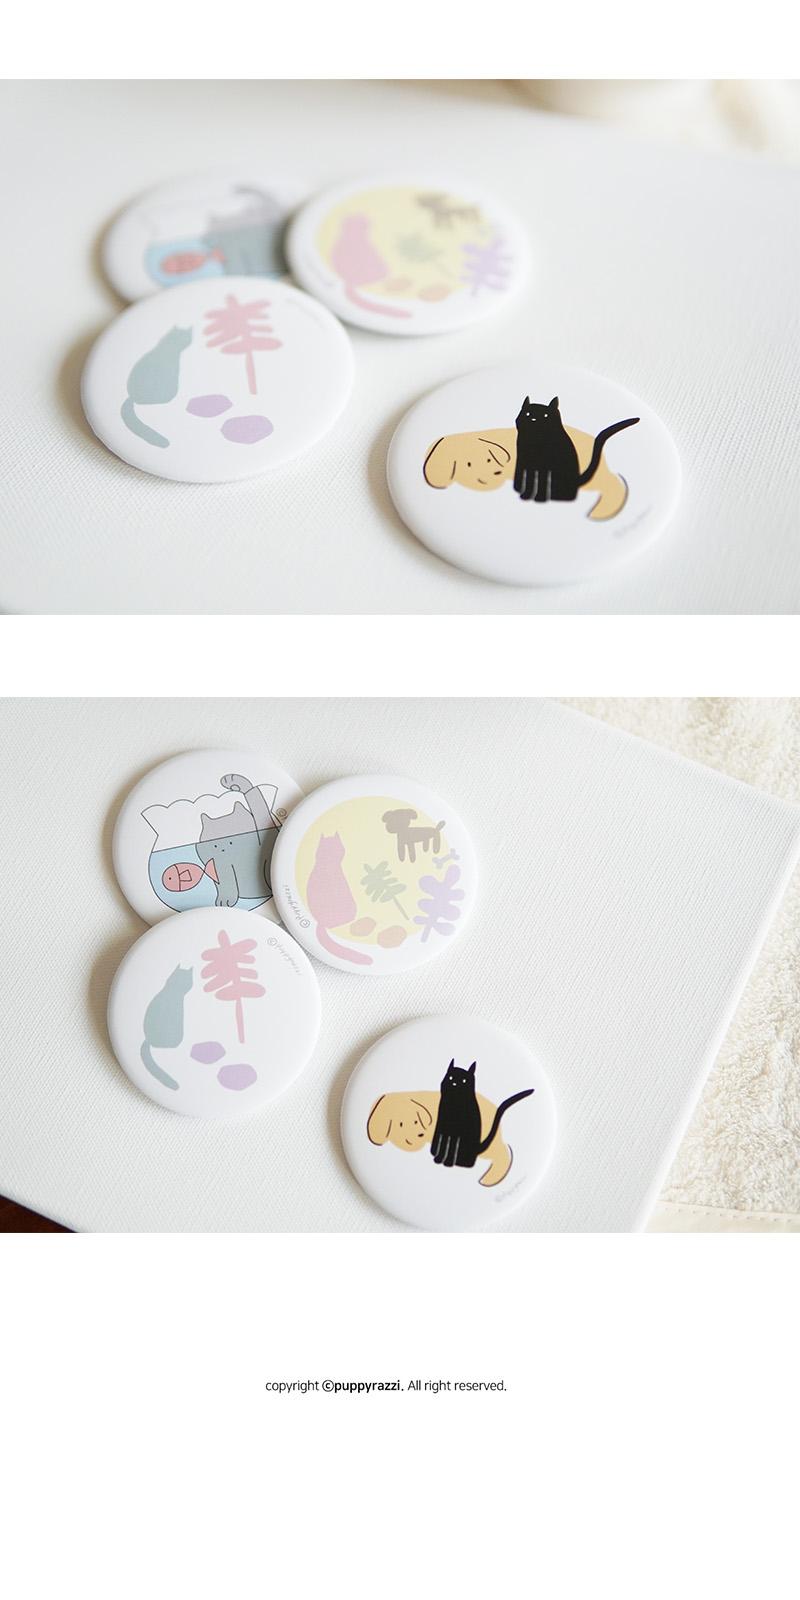 금붕어와 고양이 원형 손거울 - 퍼피라찌, 3,000원, 도구, 거울